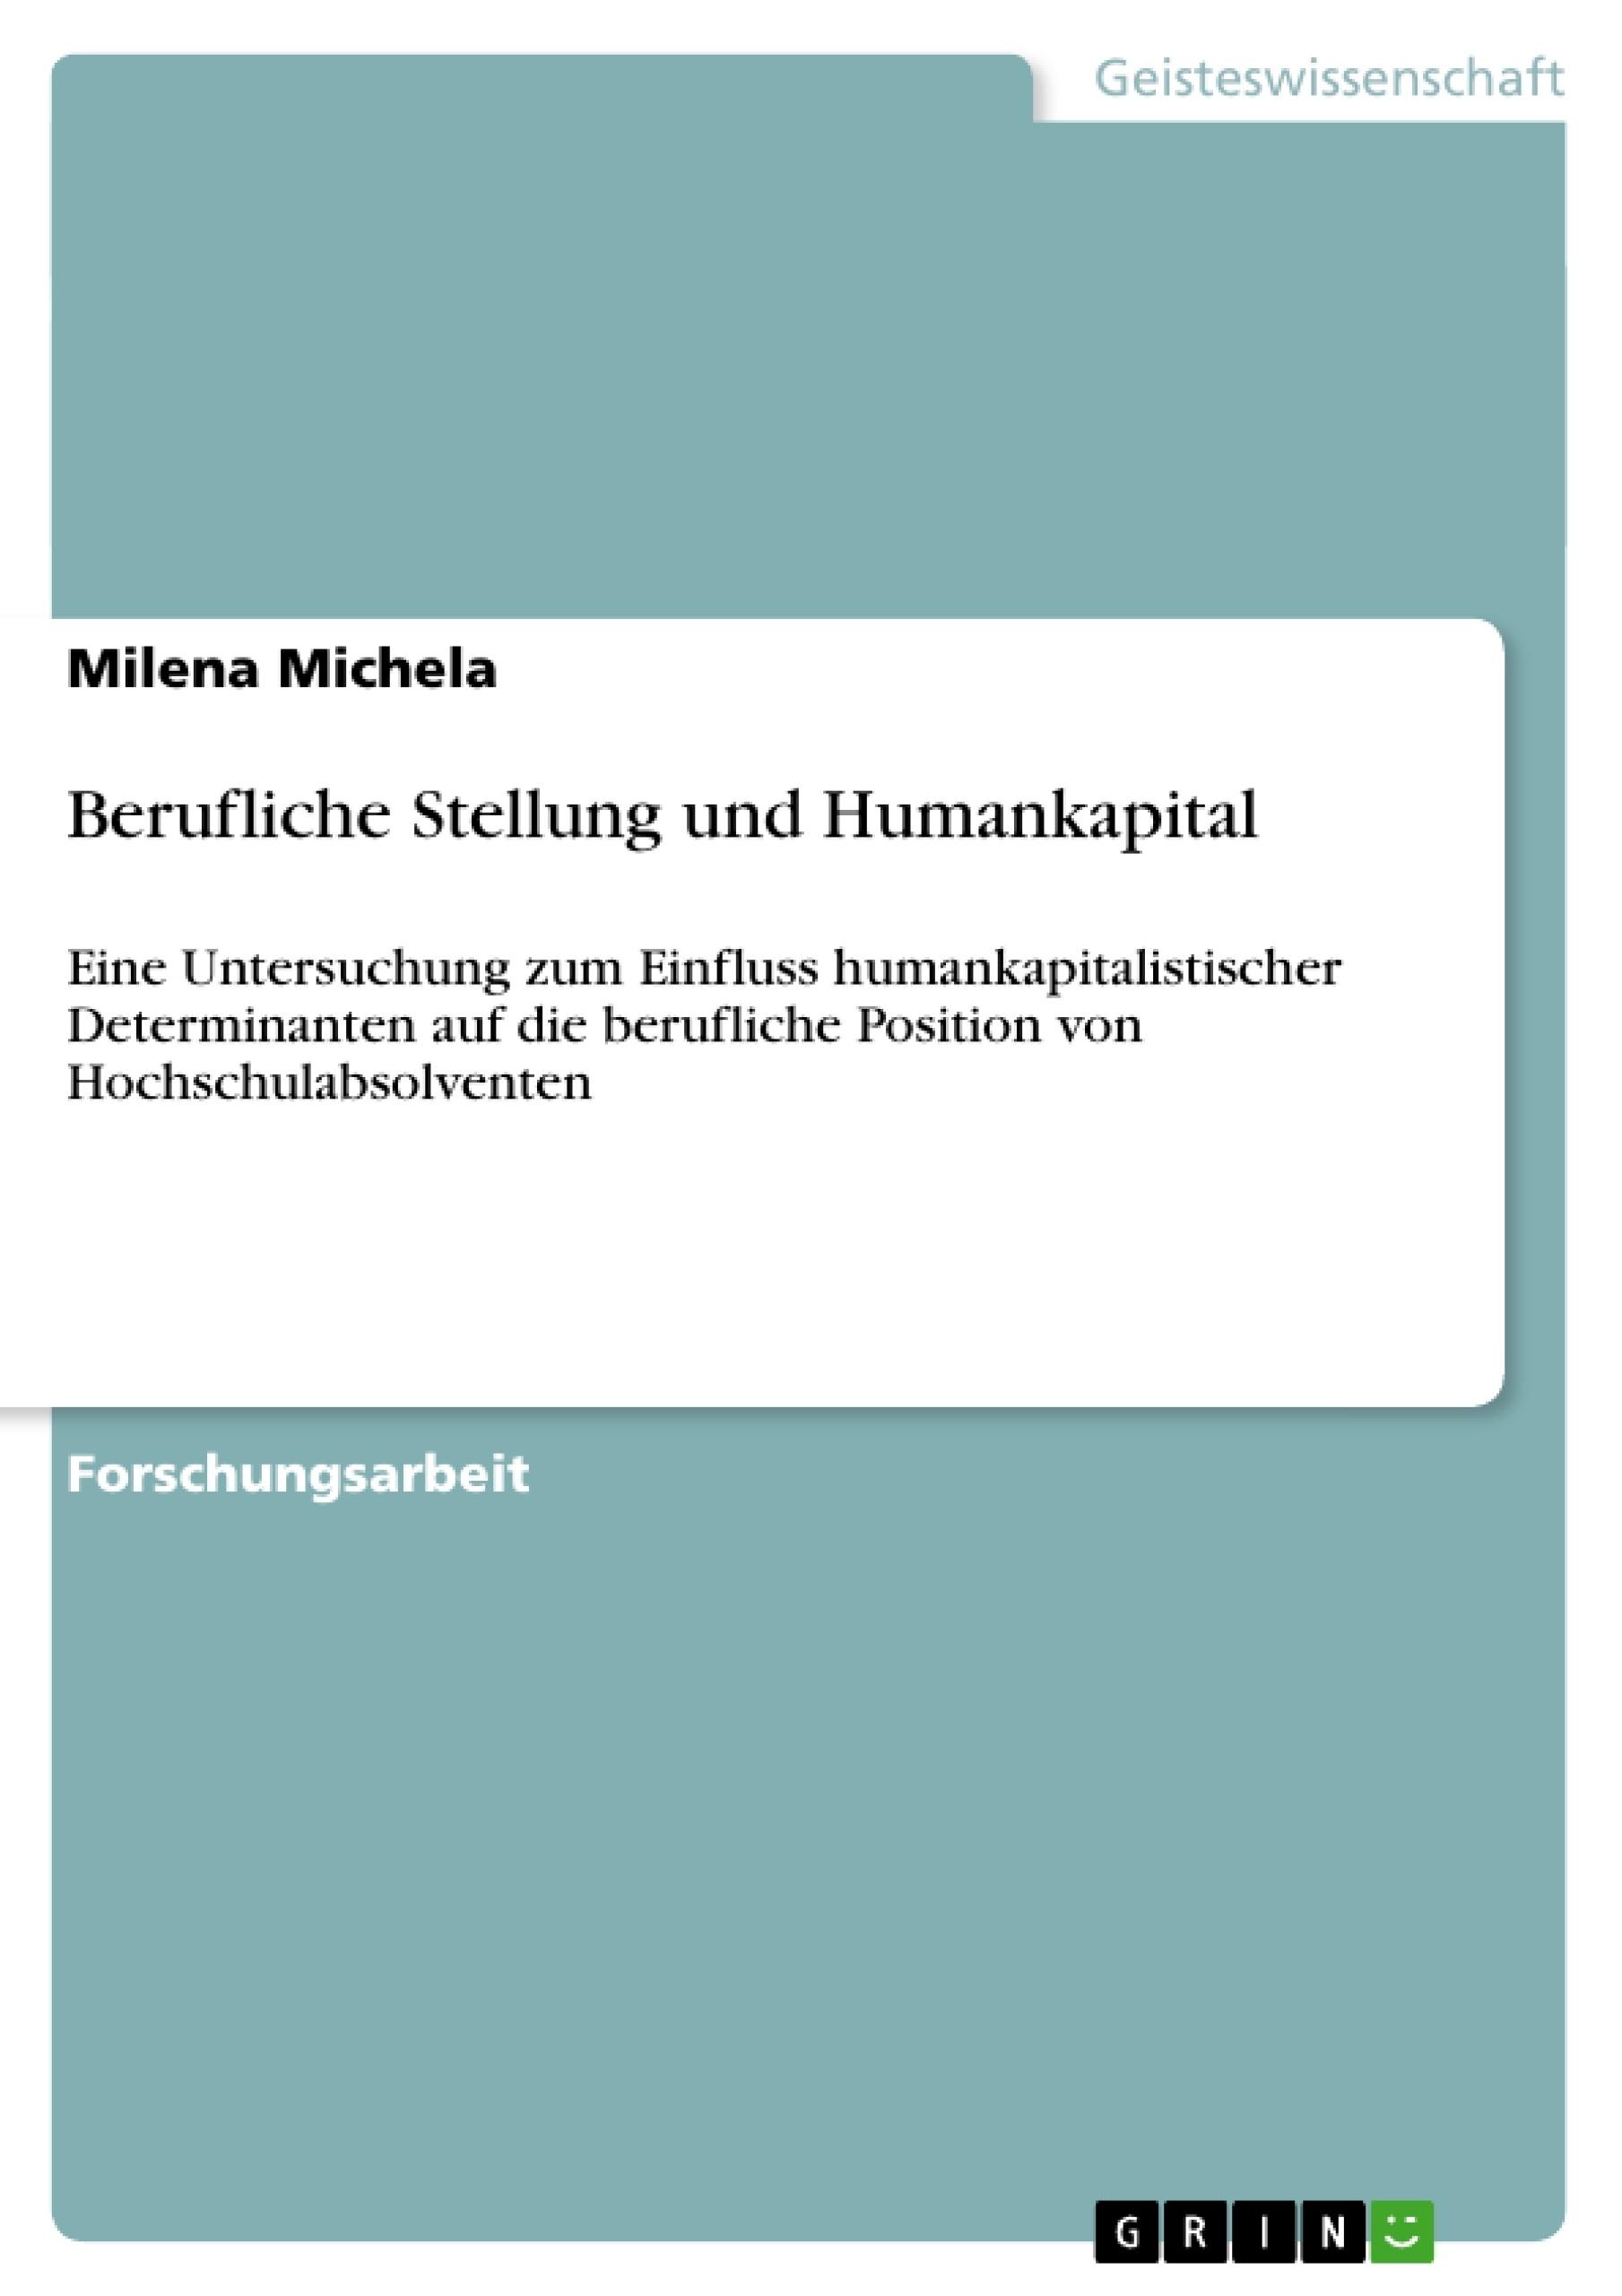 Titel: Berufliche Stellung und Humankapital